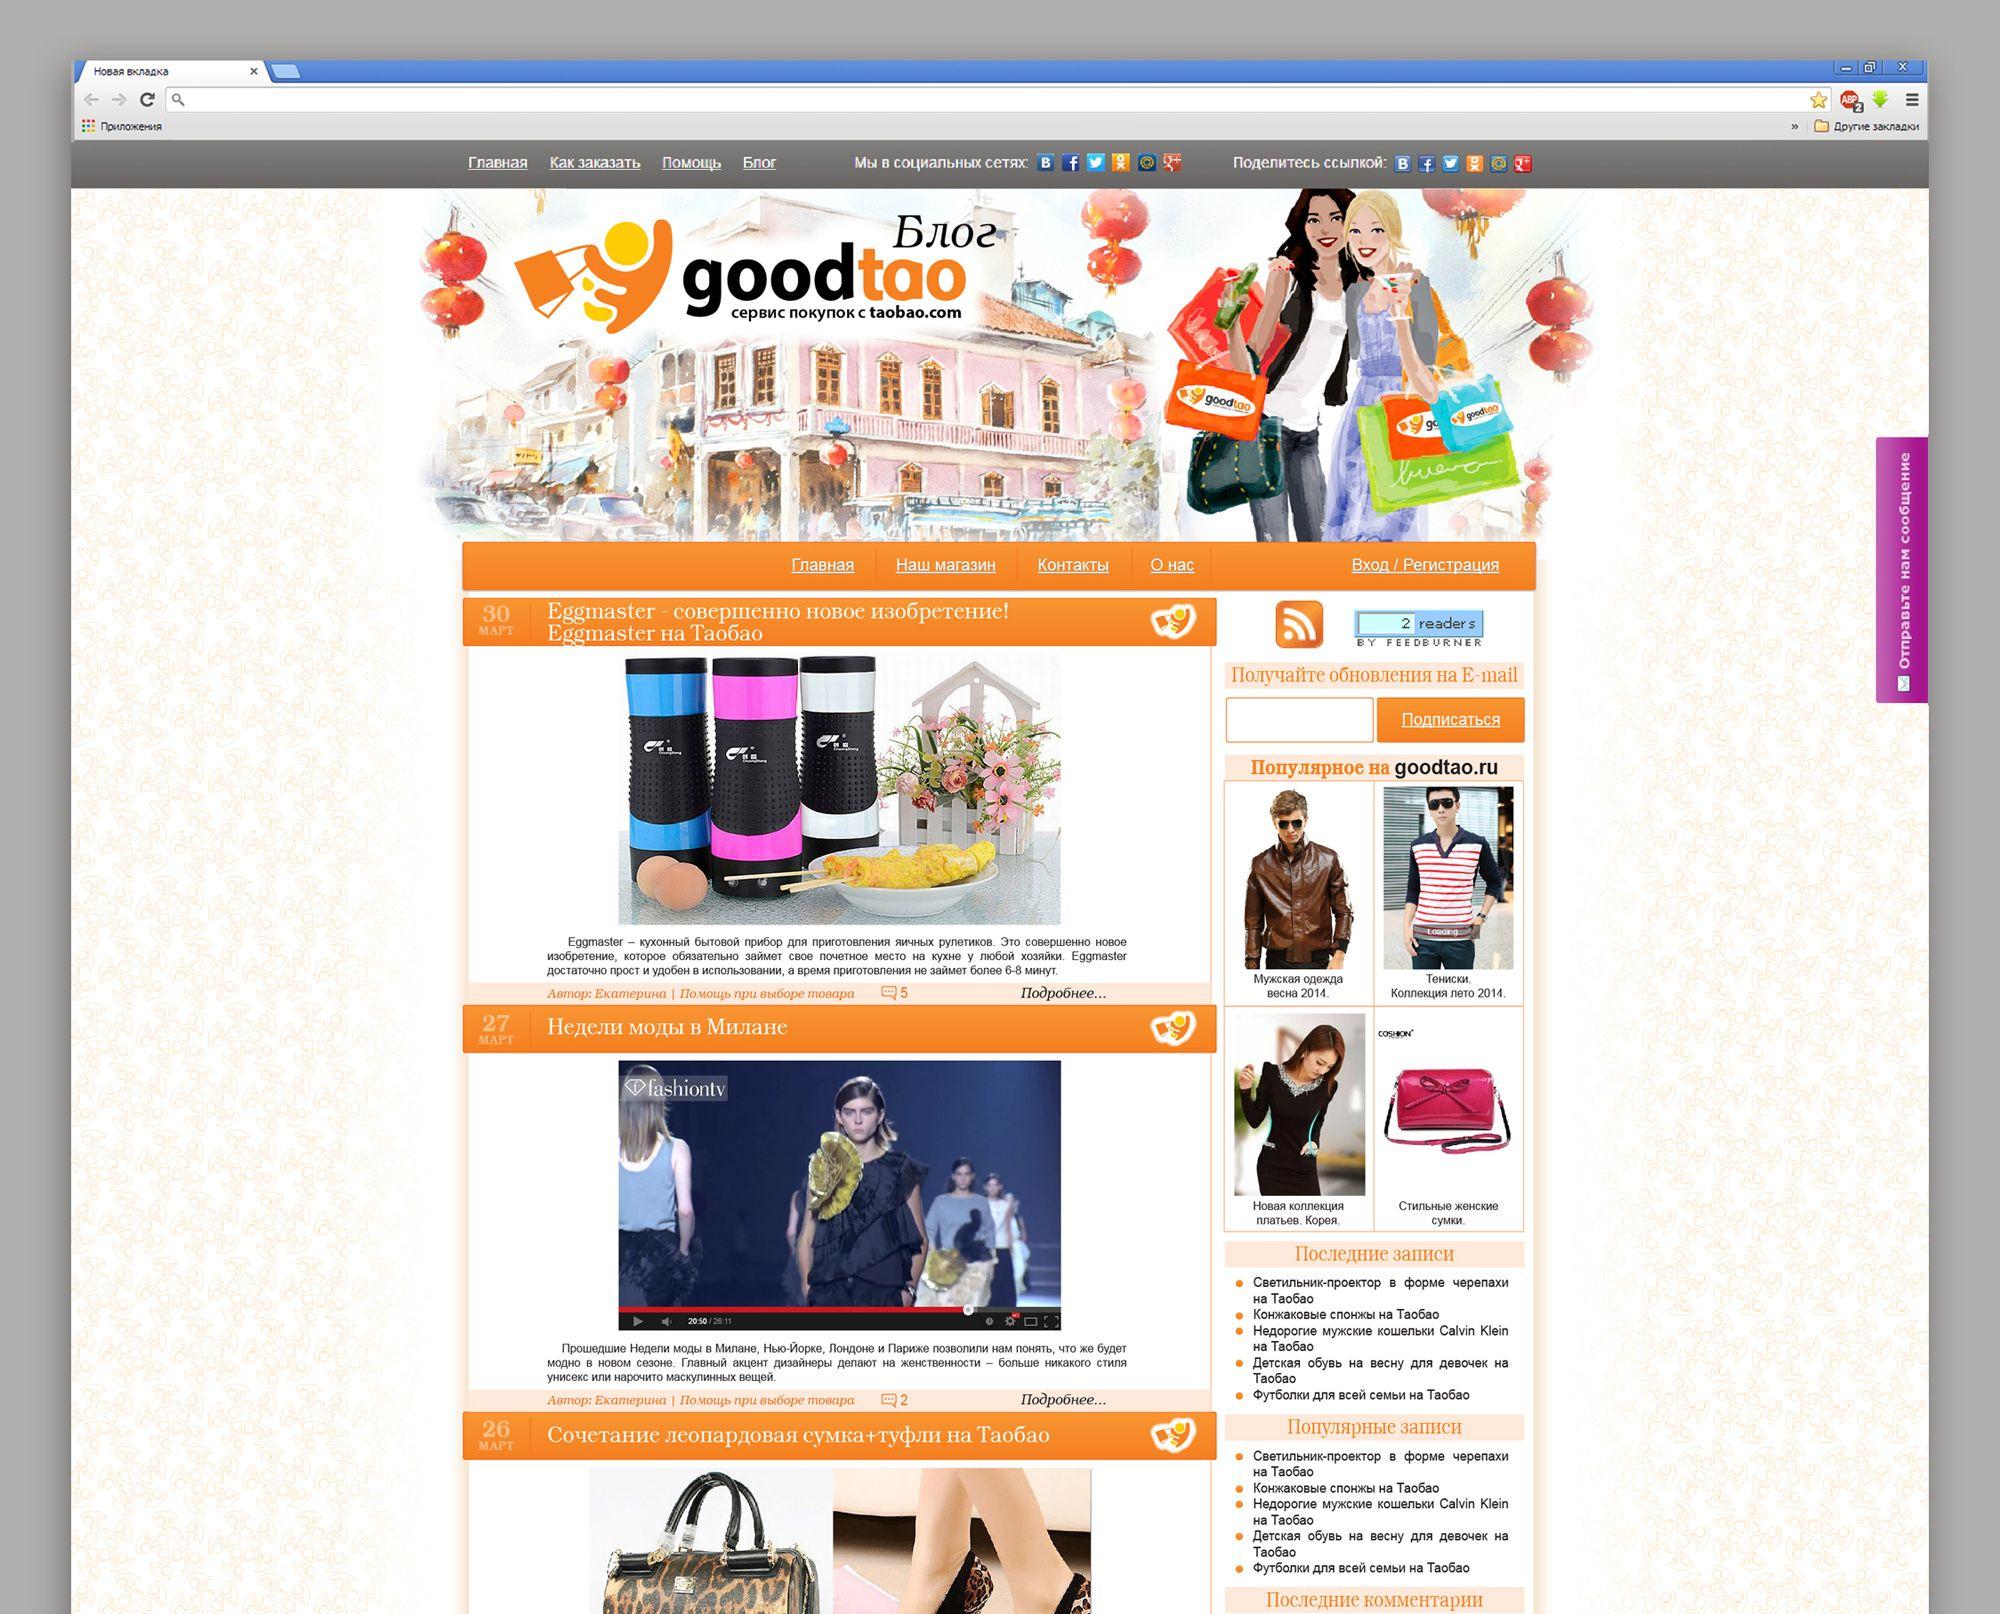 Дизайн для блога - дизайнер SKVision